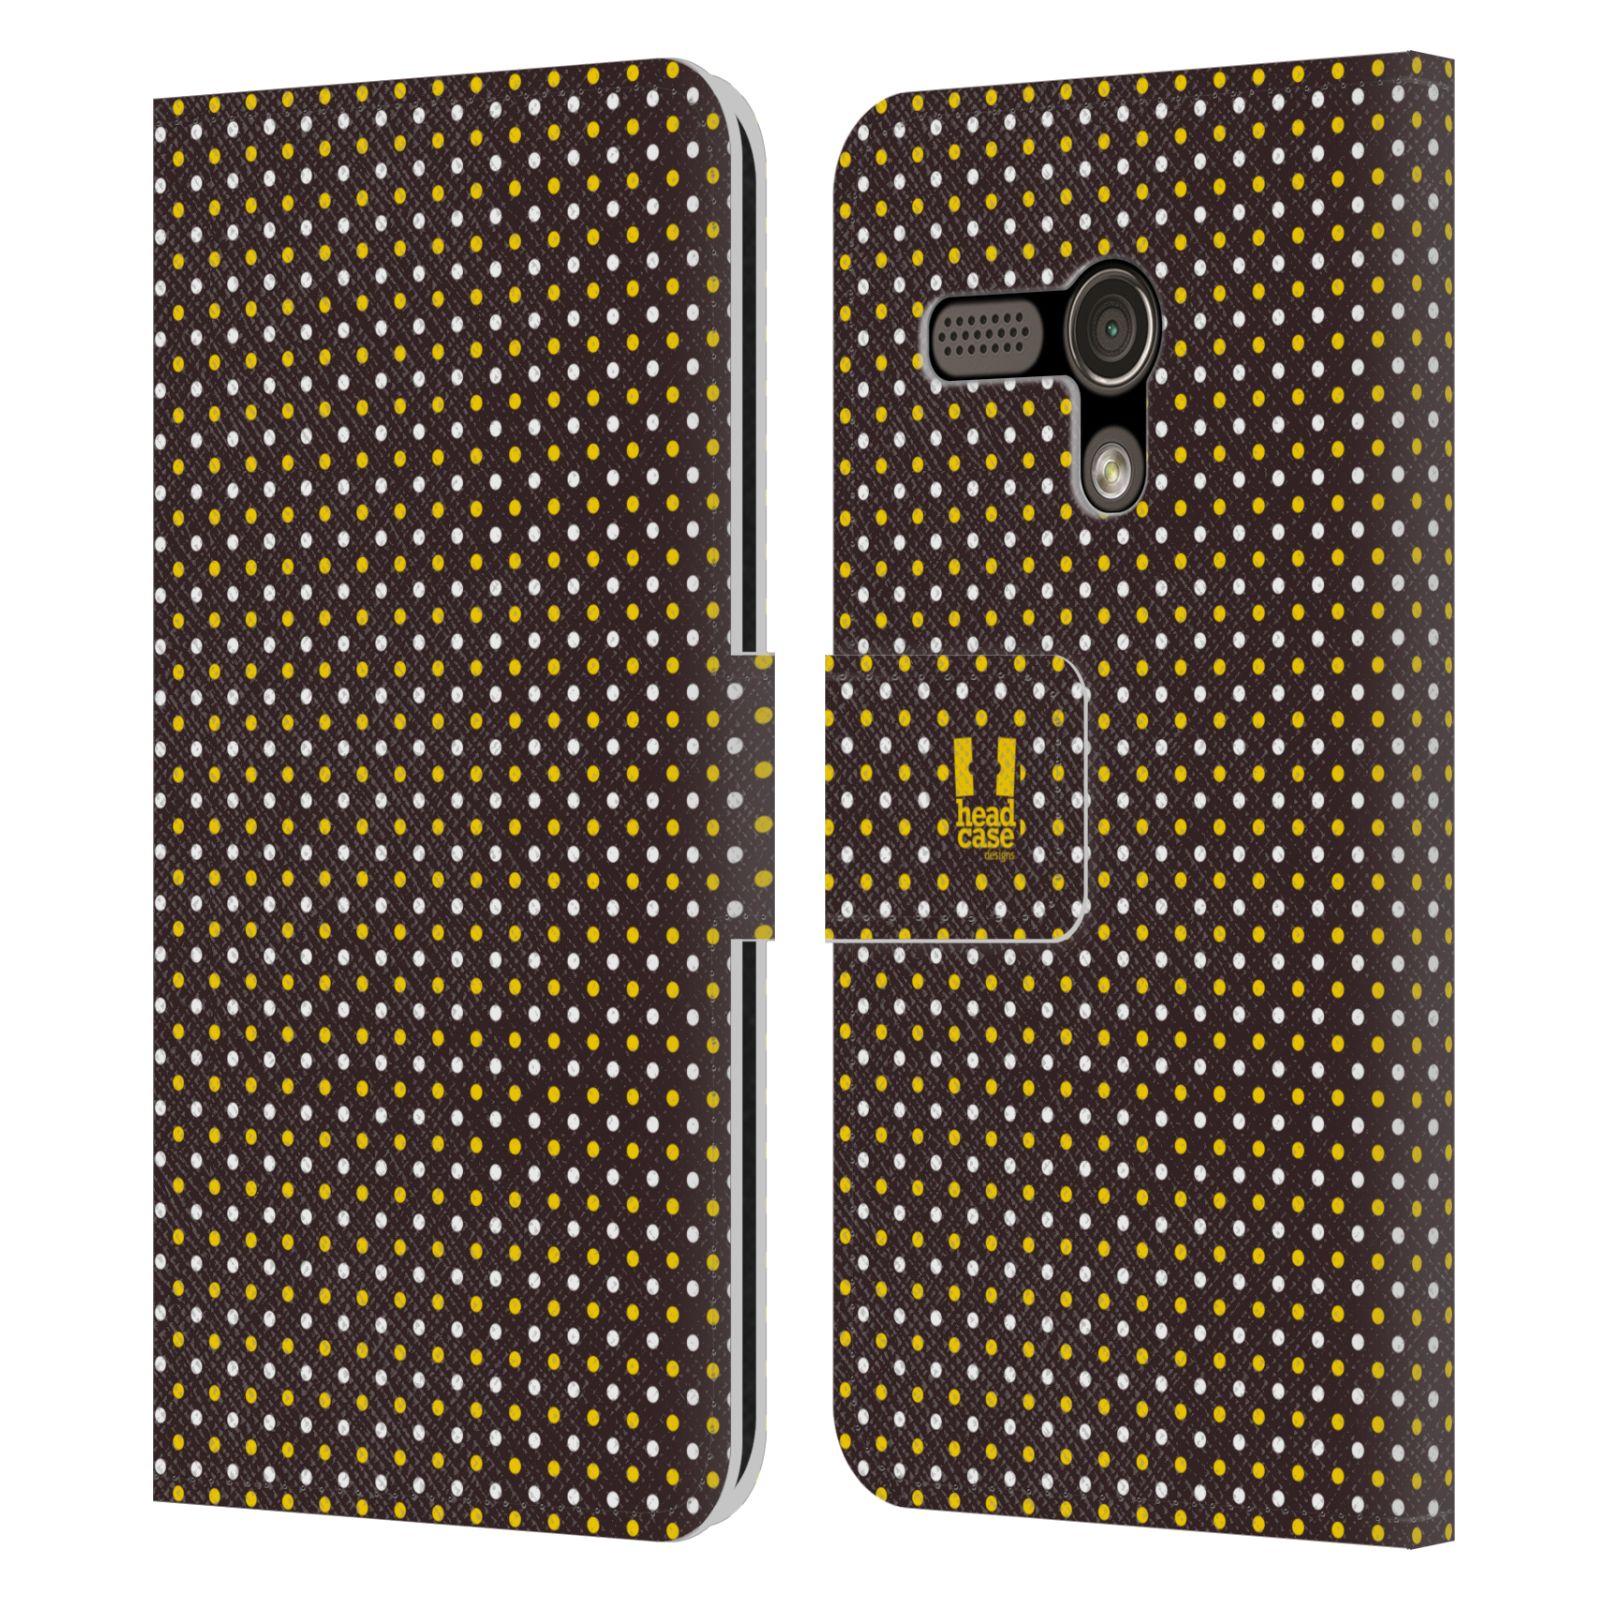 HEAD CASE Flipové pouzdro pro mobil MOTOROLA MOTO G VČELÍ VZOR puntíky hnědá a žlutá